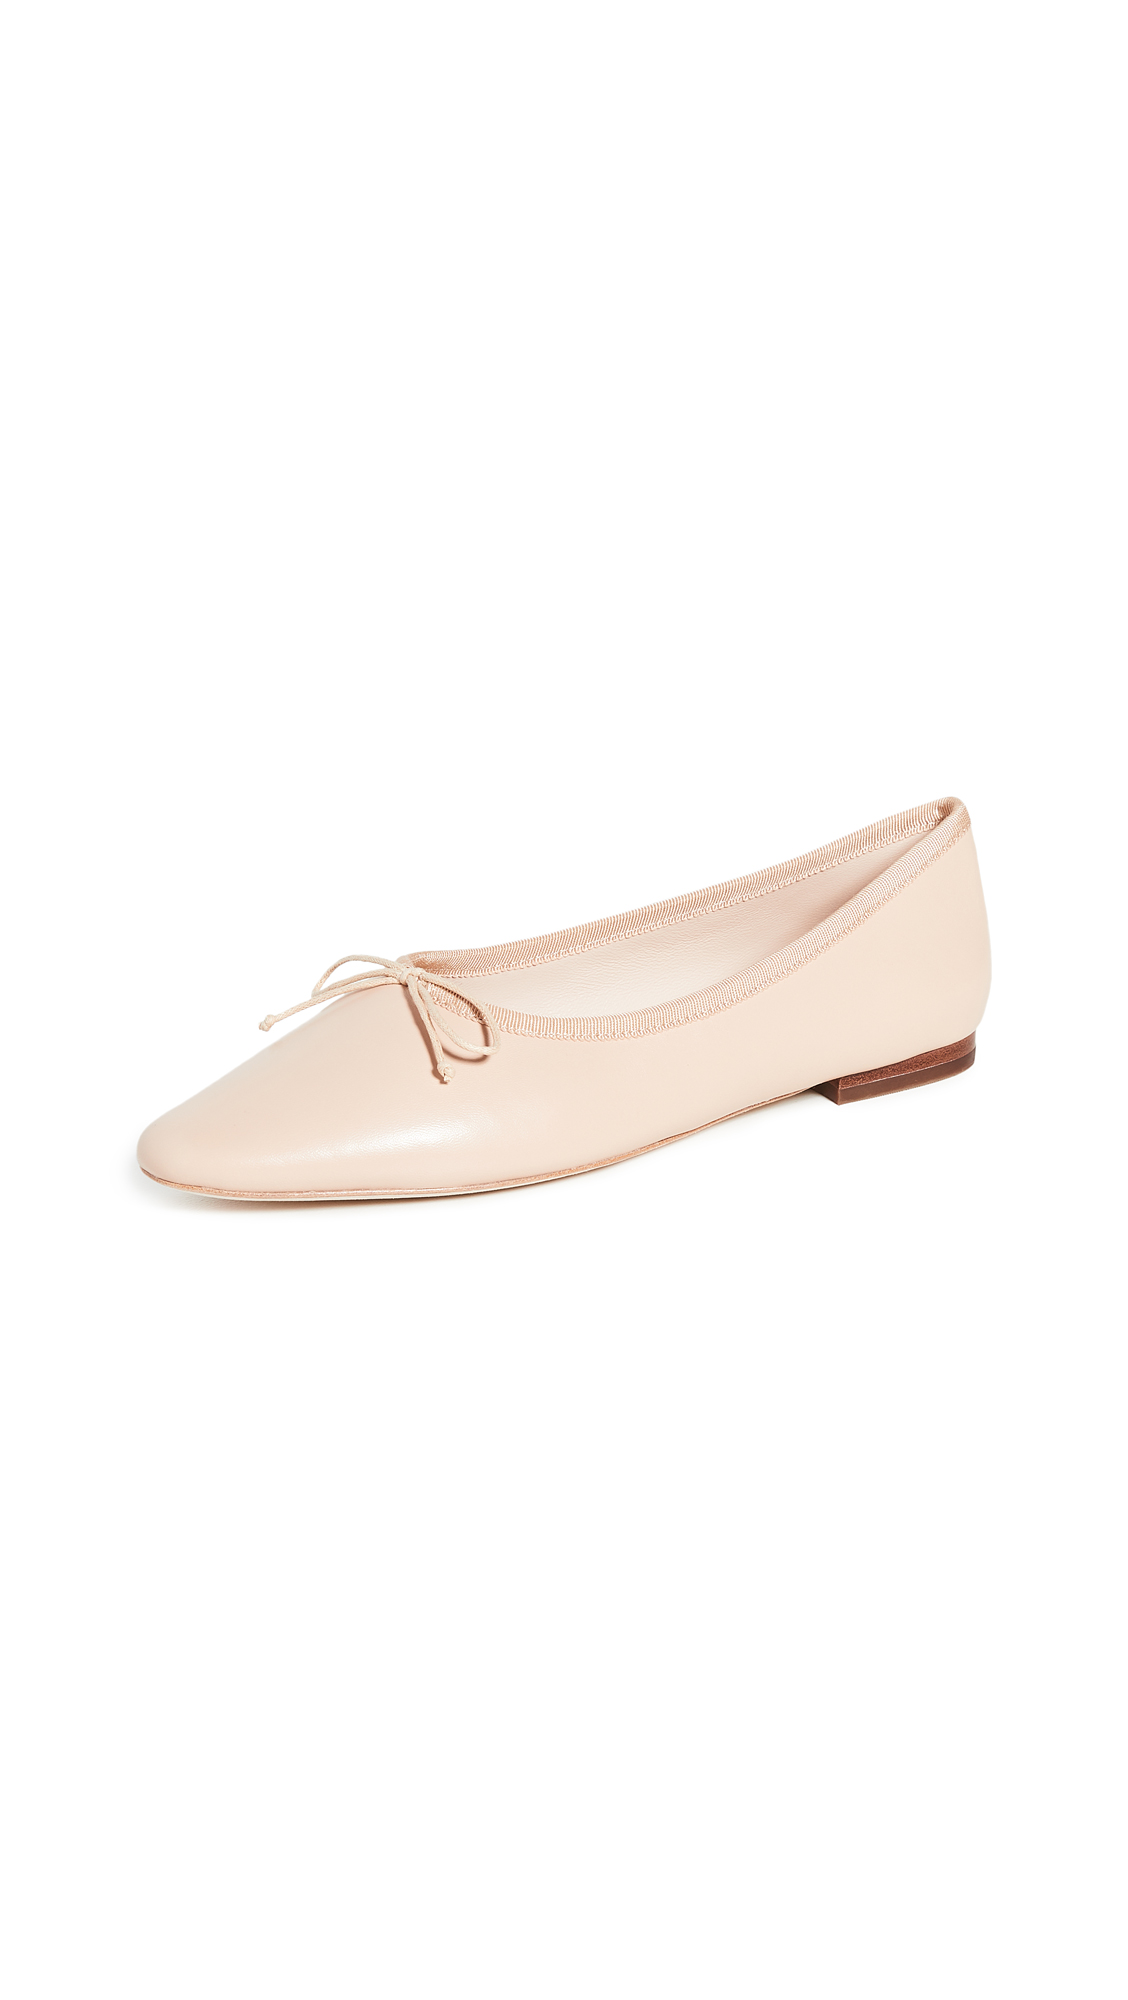 Loeffler Randall Georgie Ballet Flats – 30% Off Sale